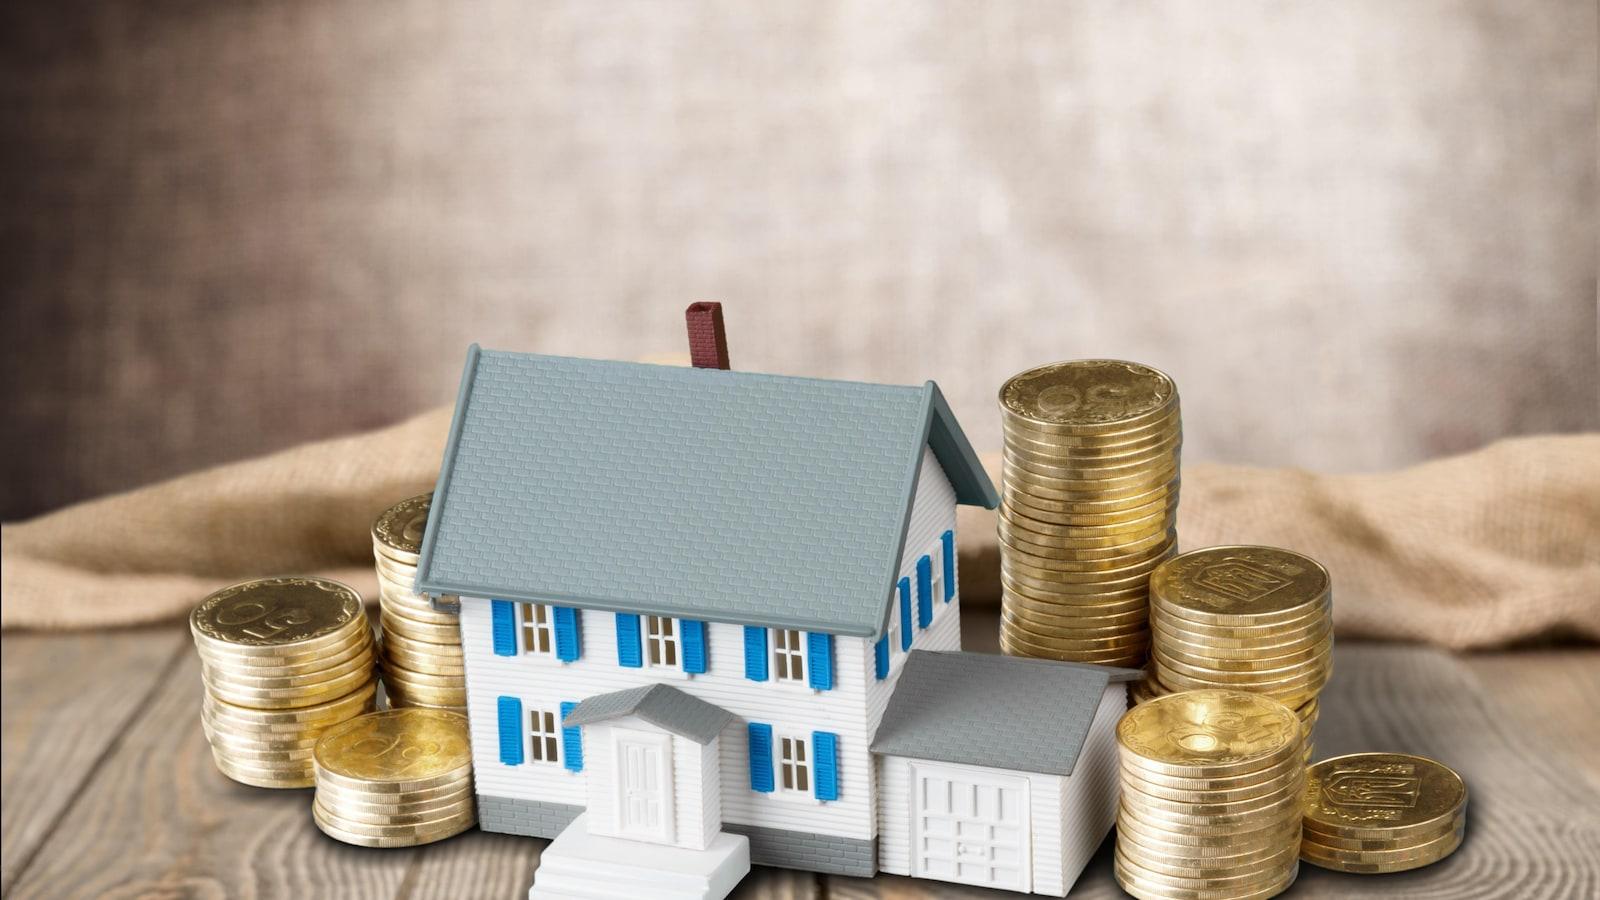 Une maison miniature est entourée de pièces de monnaie.